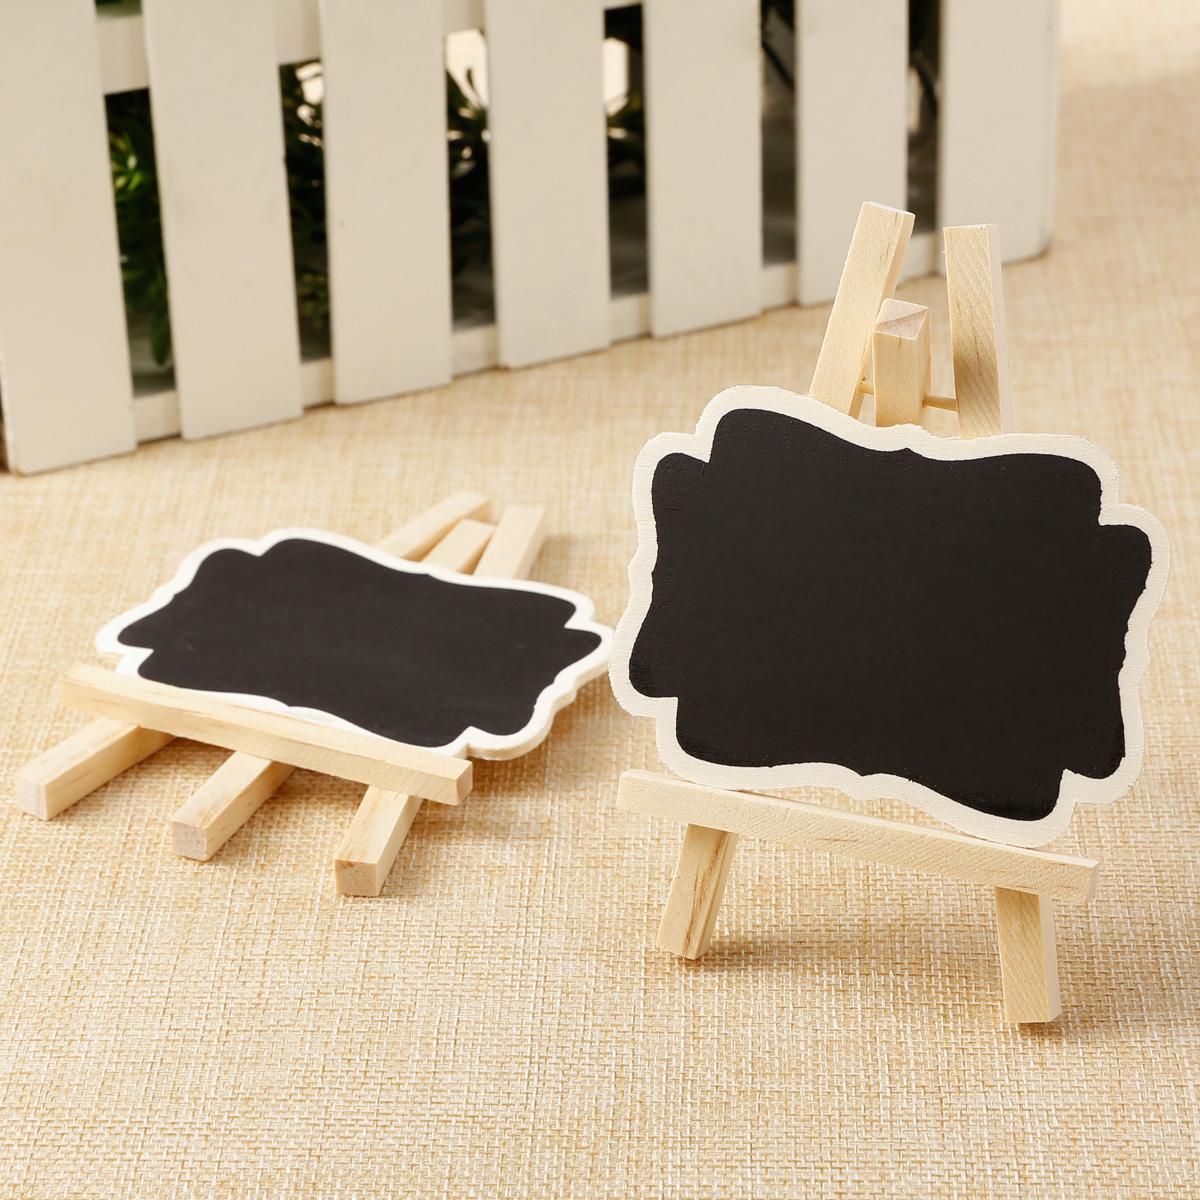 tafel zum beschreiben herz schiefer tafel deko schieferplatte motiv zum. Black Bedroom Furniture Sets. Home Design Ideas